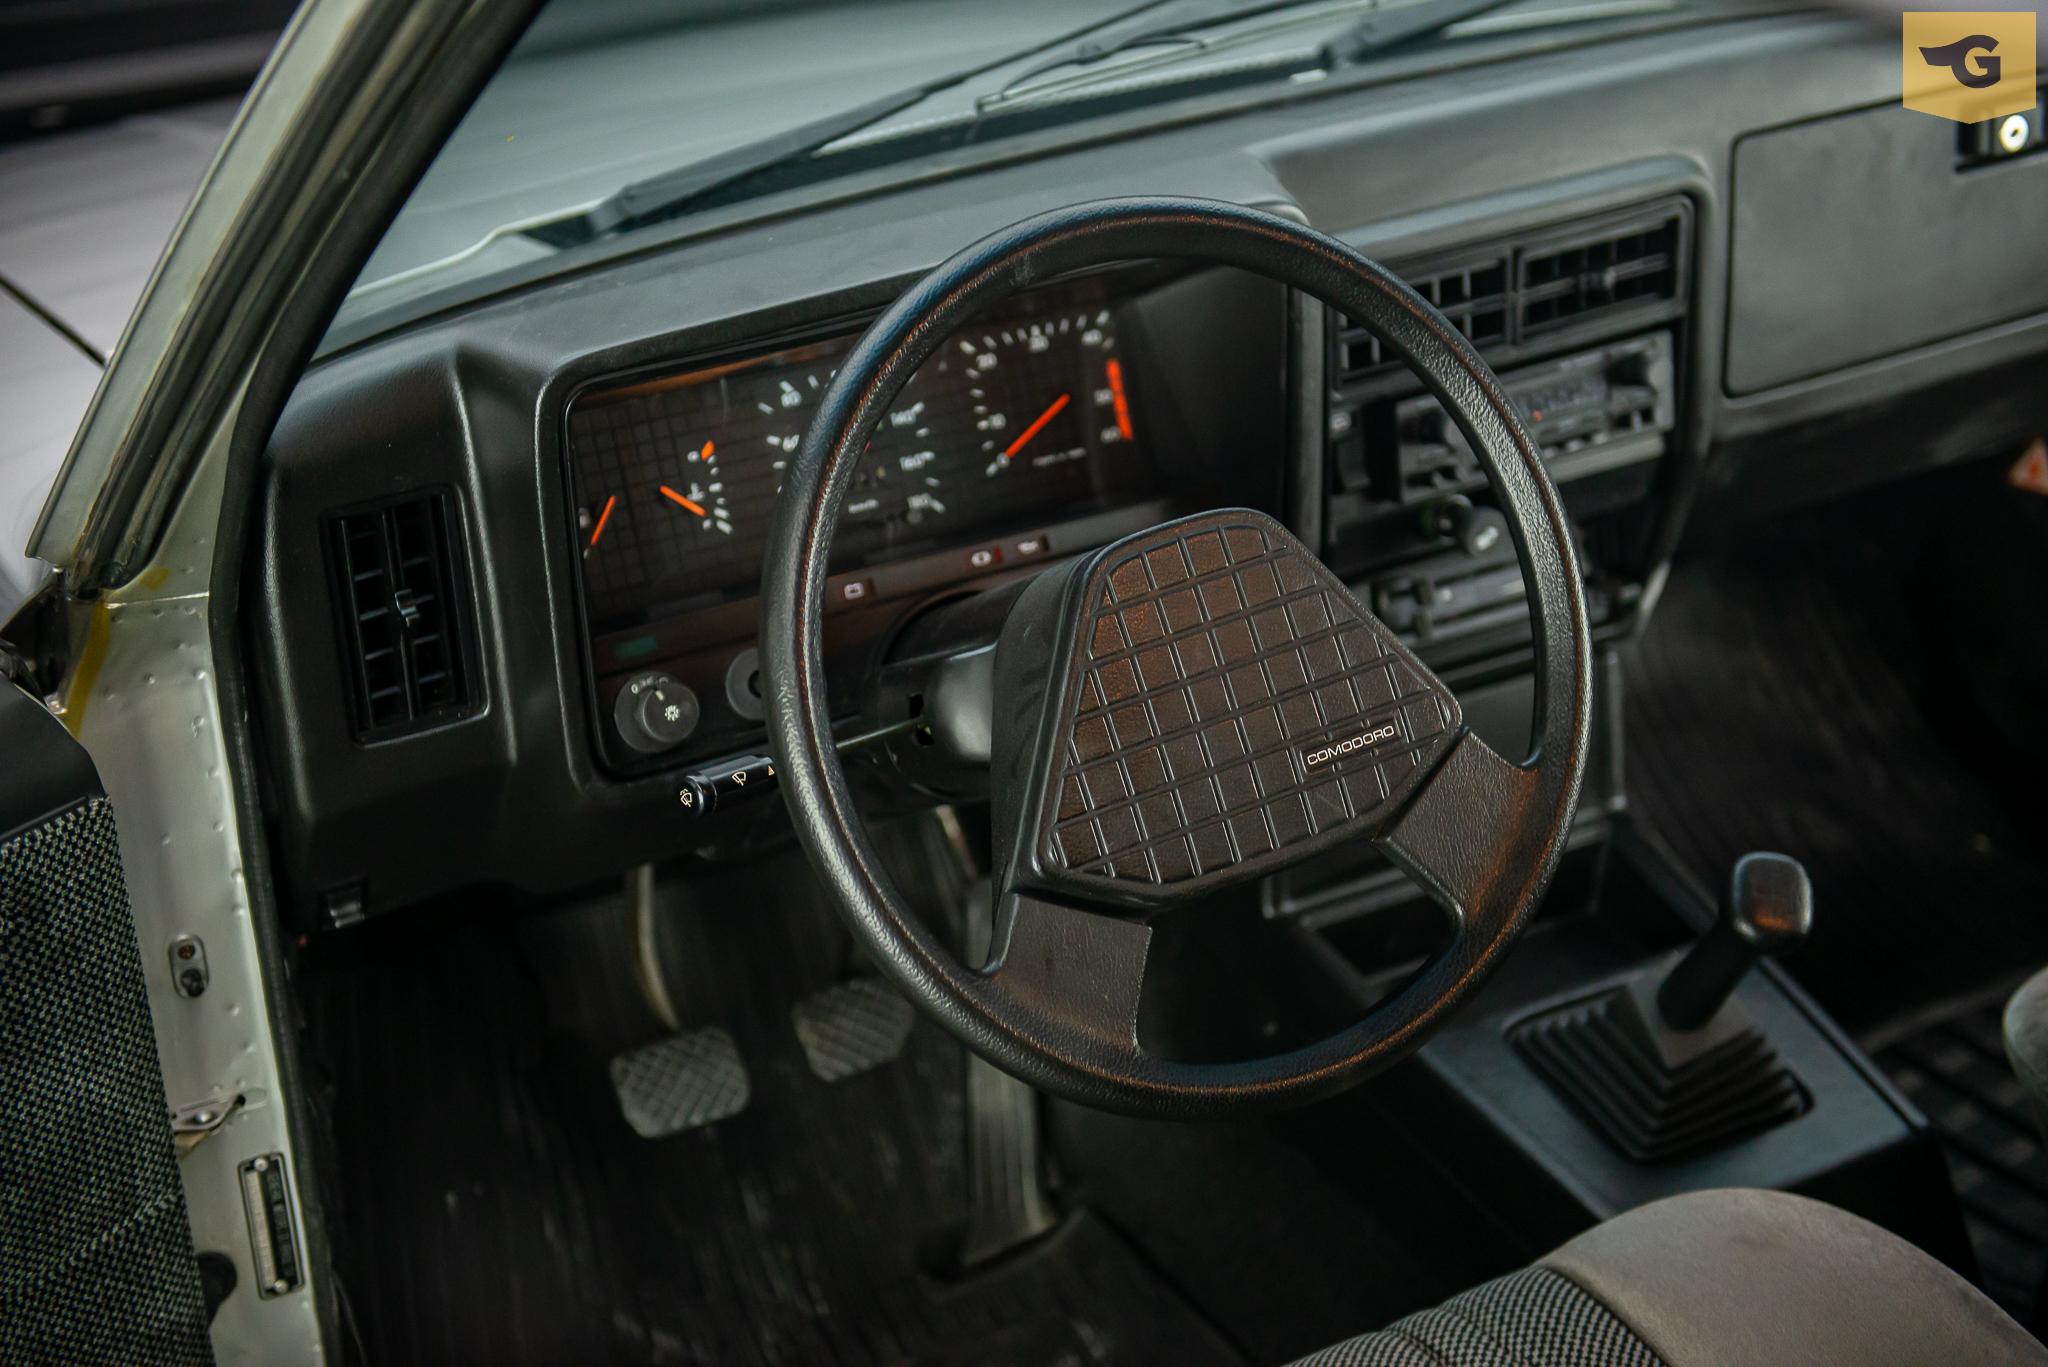 1986-opala-comodoro-prata-a-venda-sao-paulo-sp-for-sale-the-garage-classicos-a-venda-loja-de-carros-antigos-29